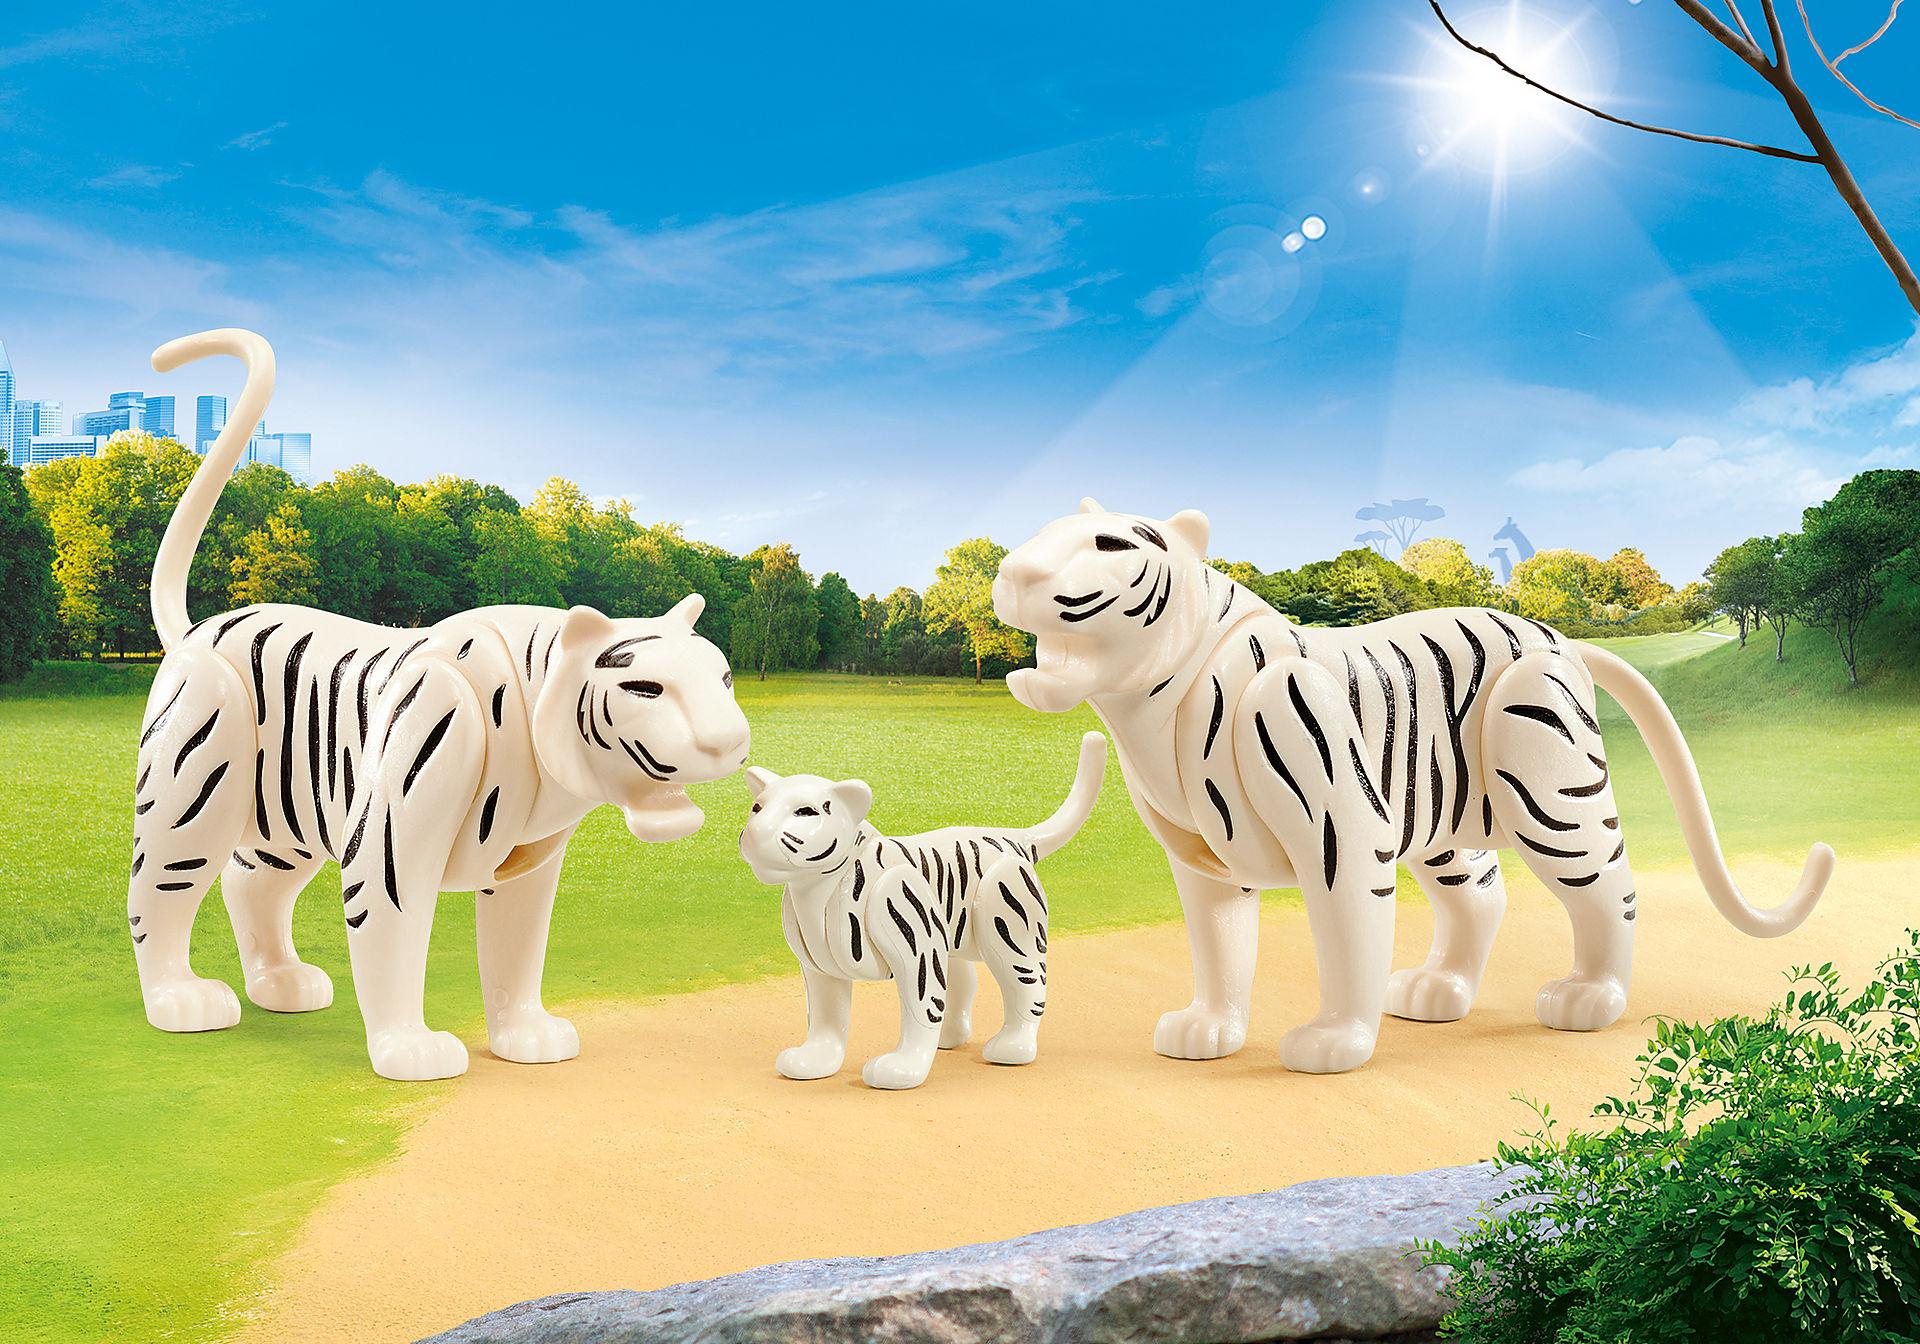 9872 Tigres blancos zoom image1